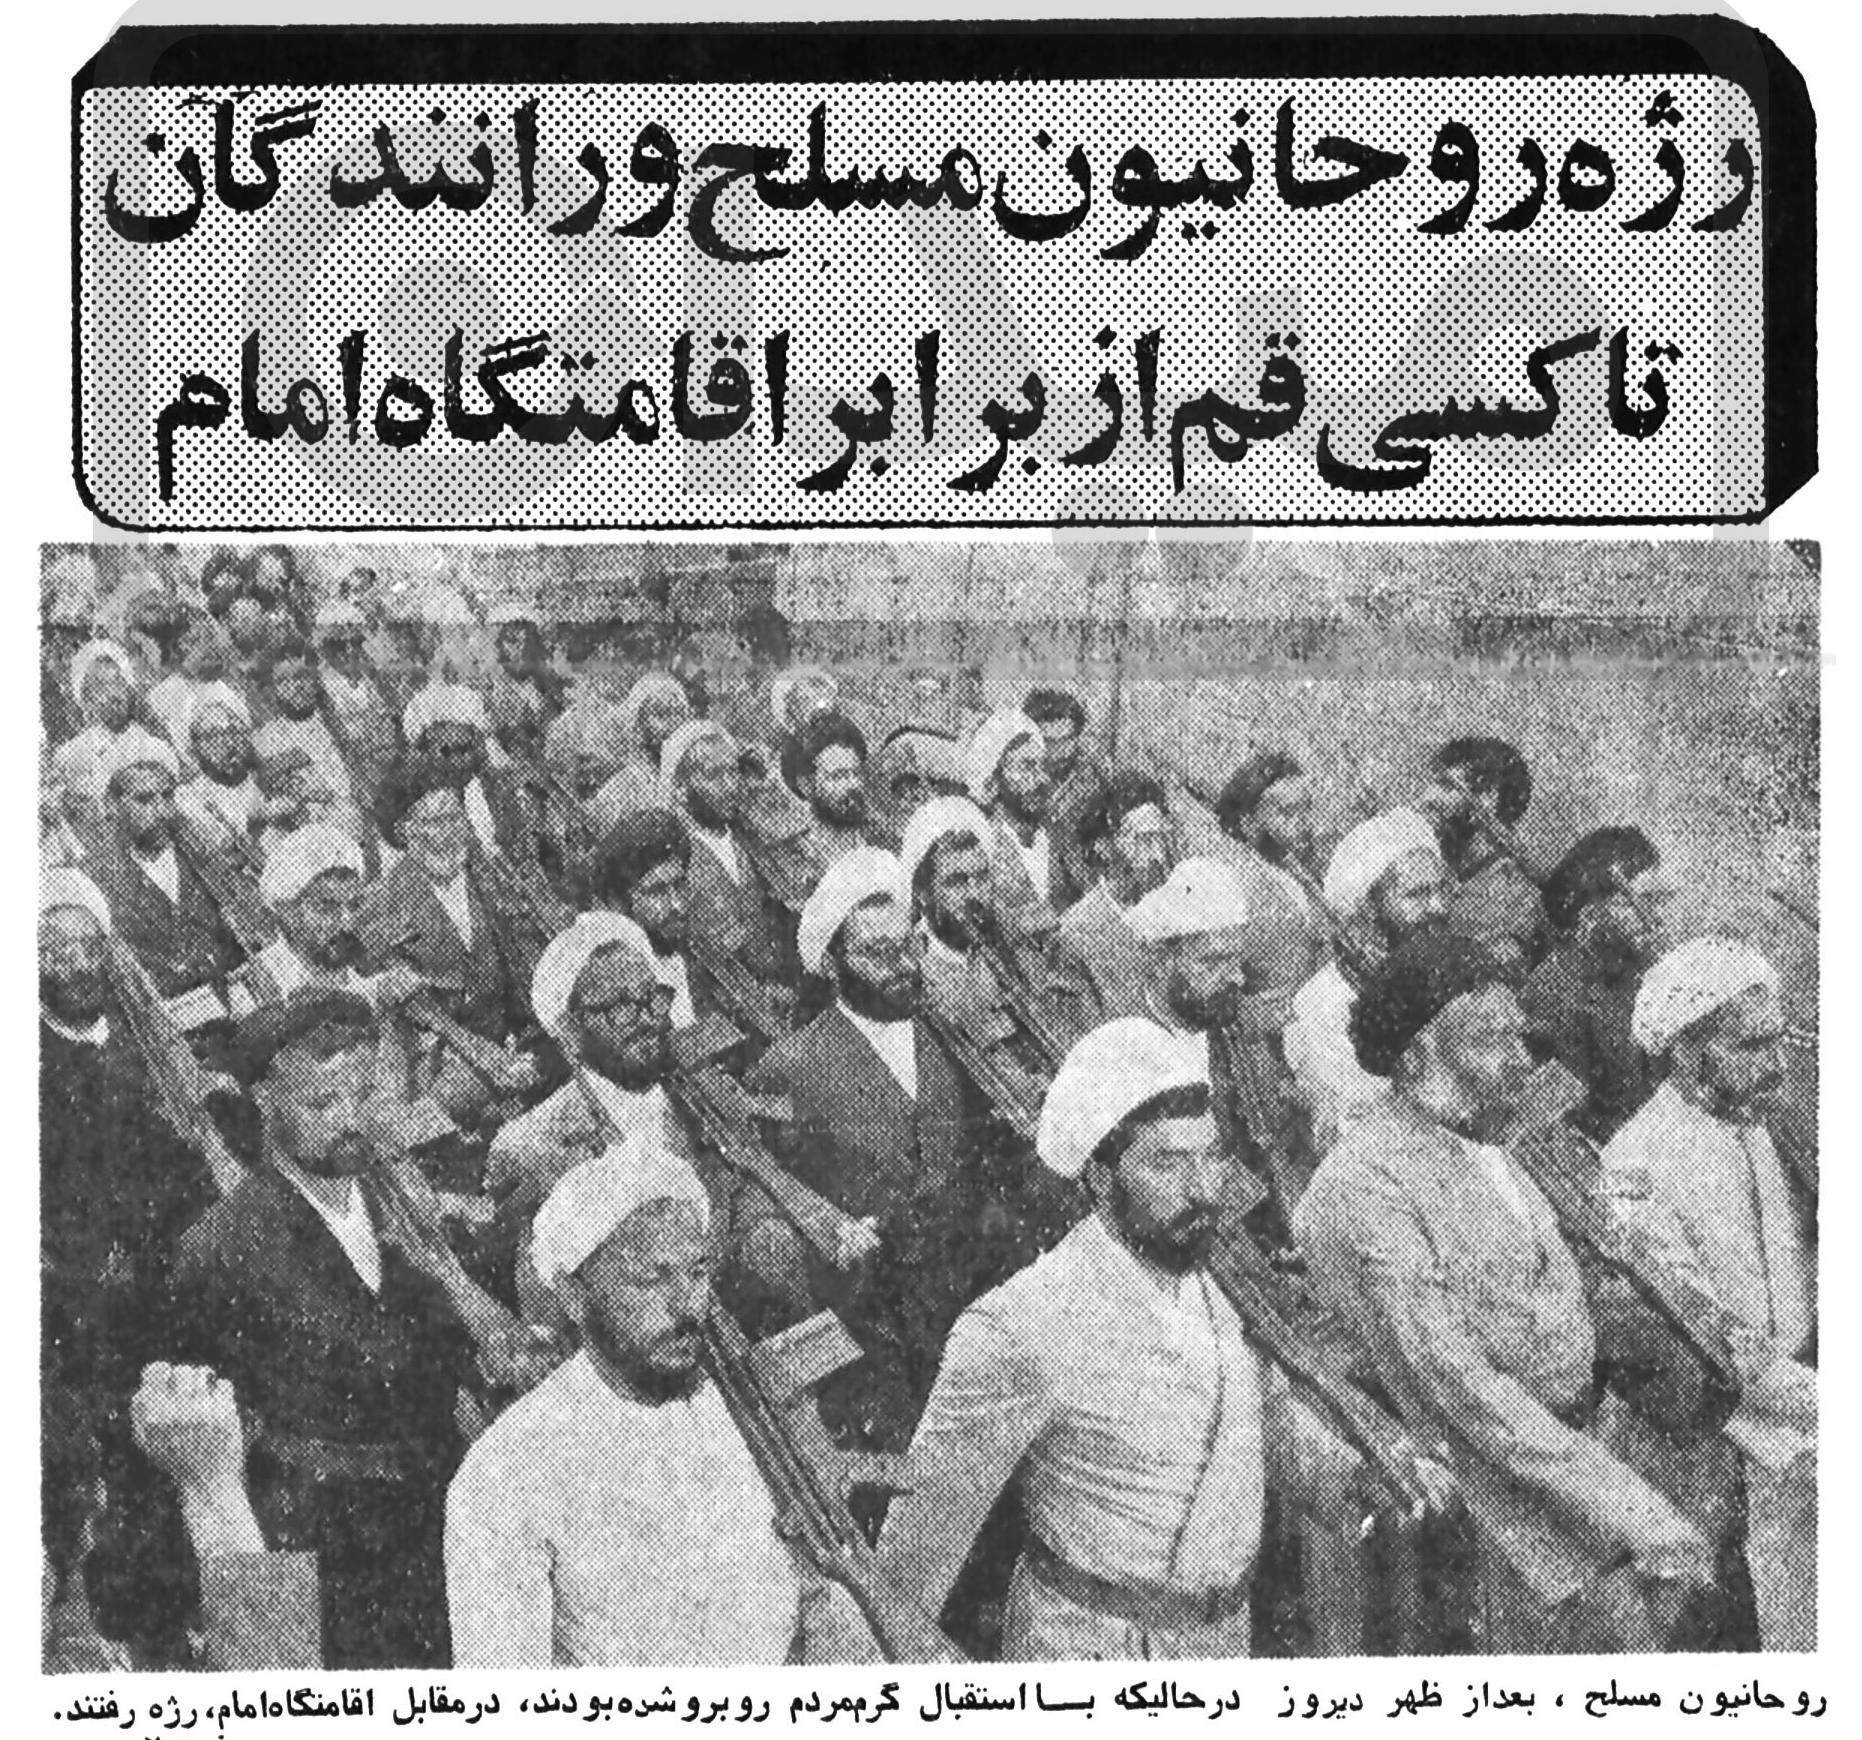 اردیبهشت ۵۹: رژه روحانیون مسلح و رانندگان تاکسی قمزمان مطالعه: ۱ دقیقه